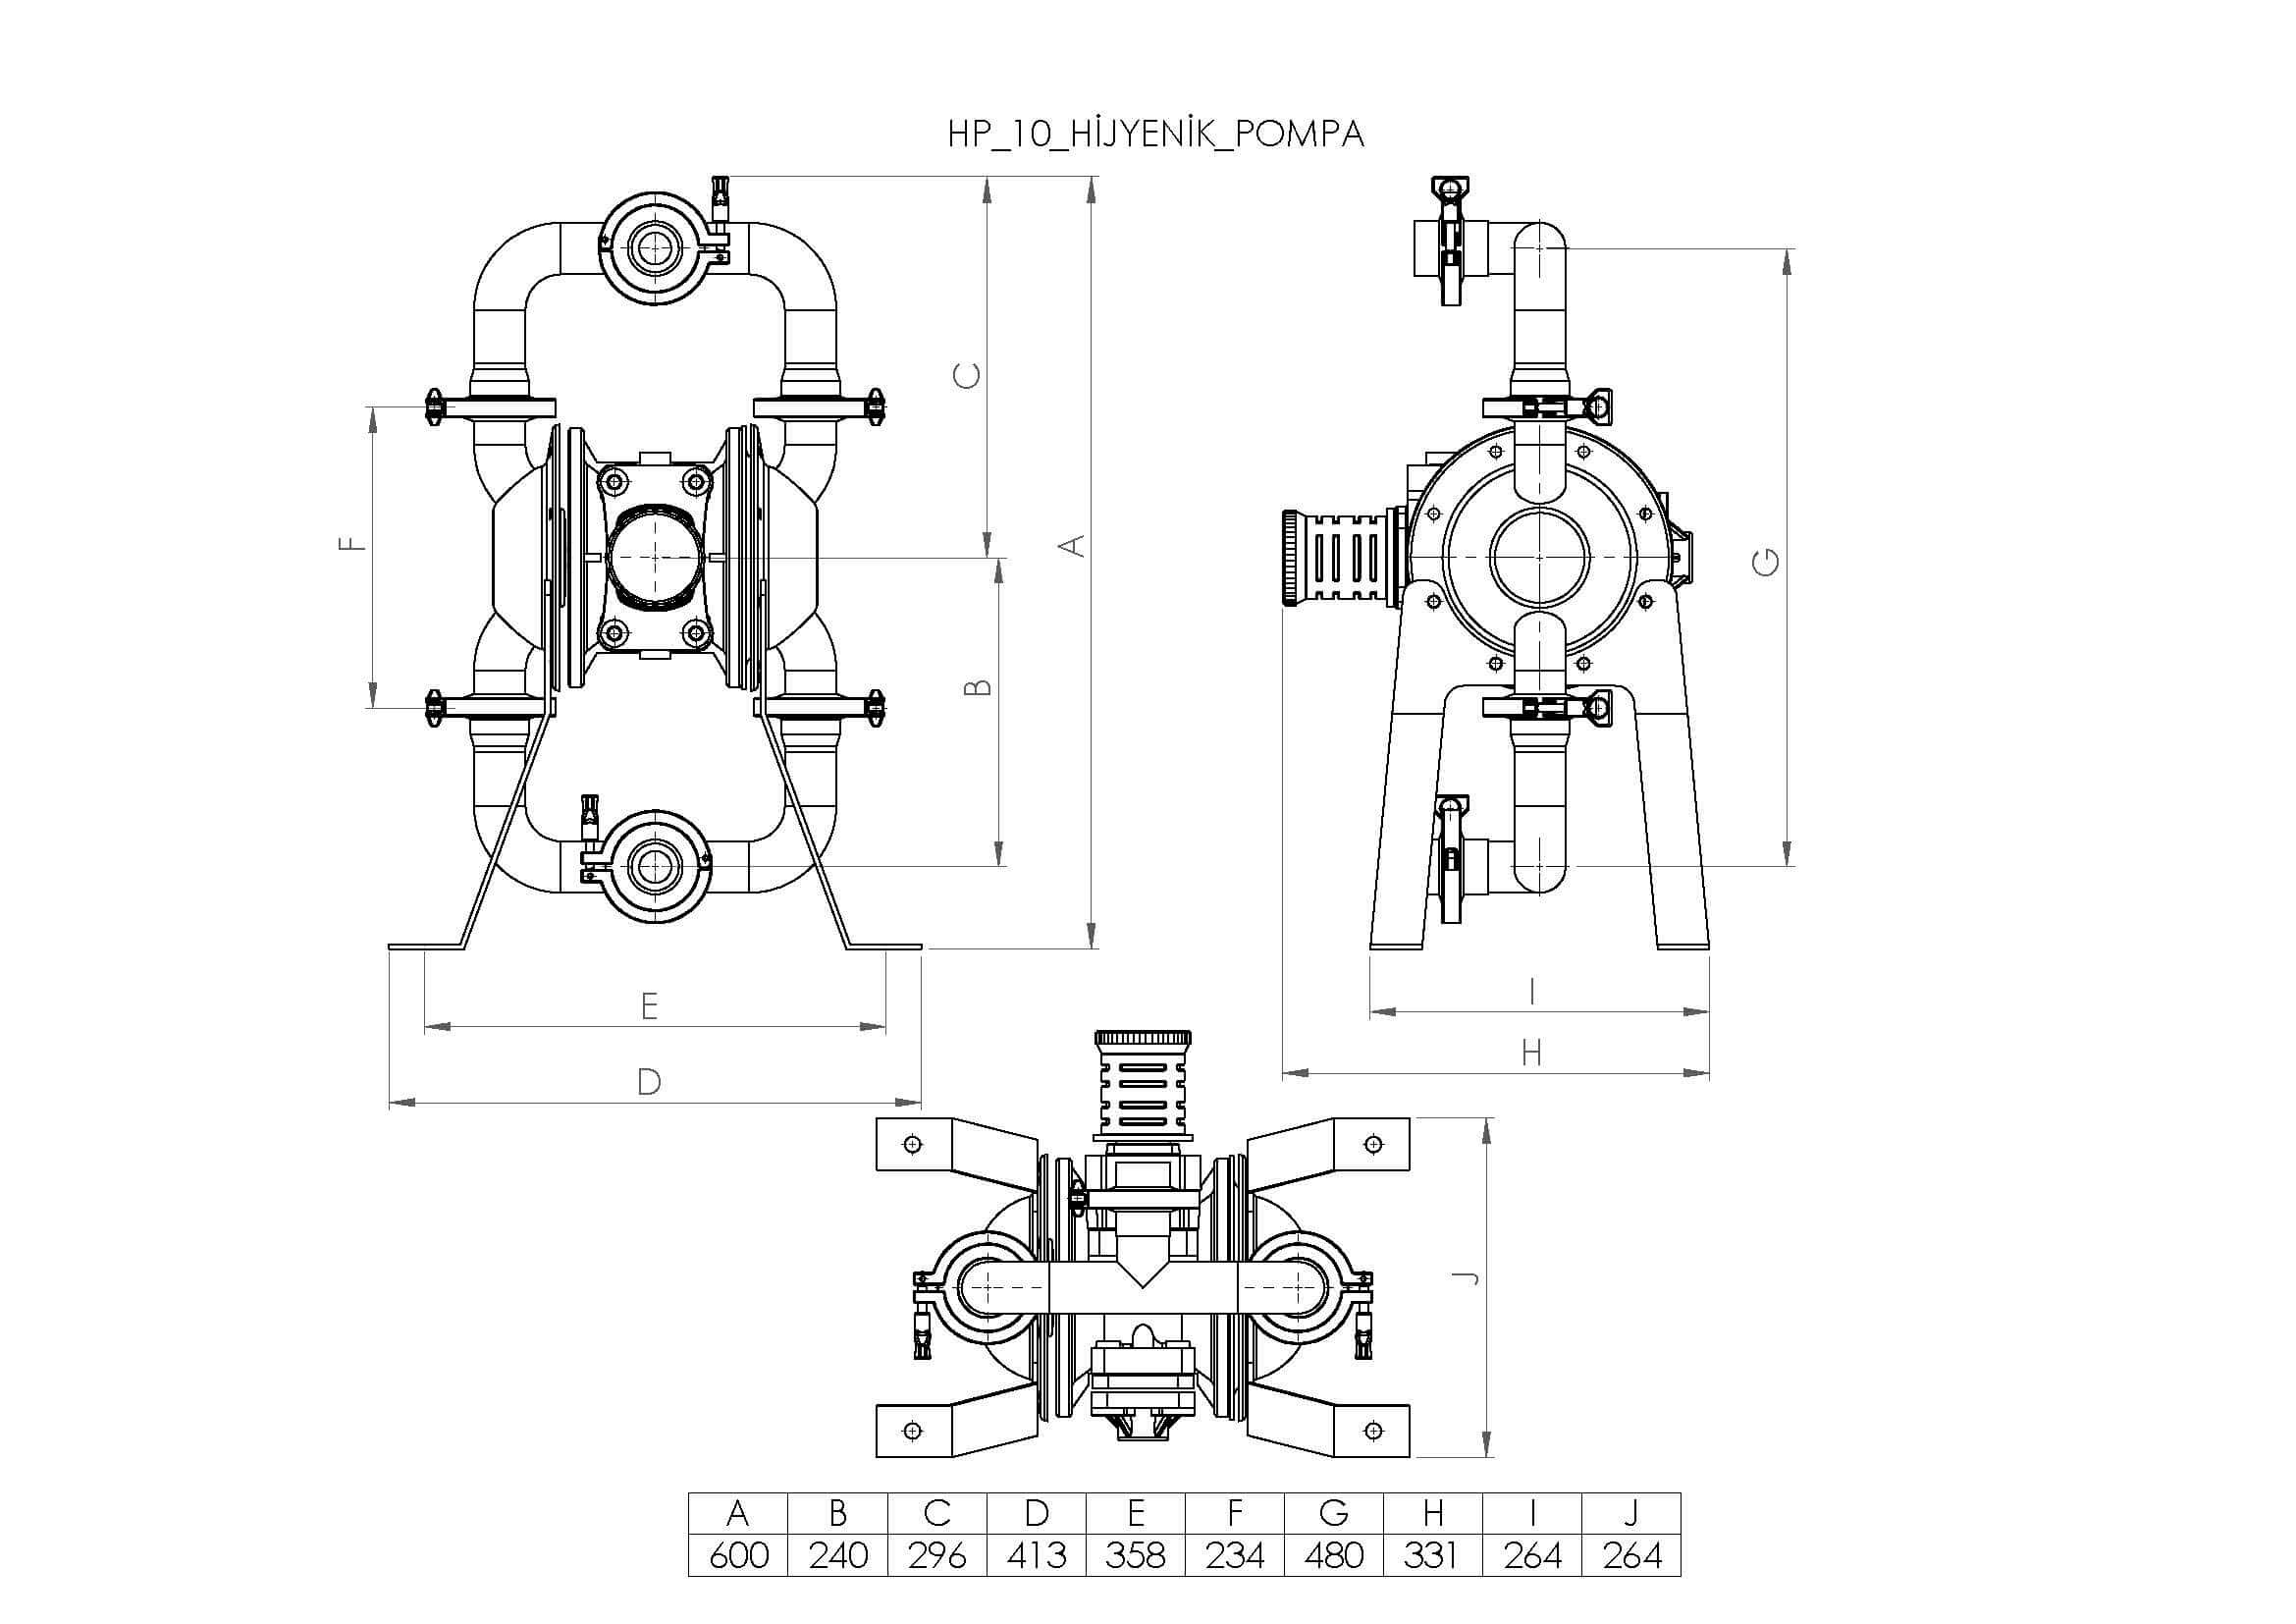 HP10_HIJYENIK_OLCULENDIRME